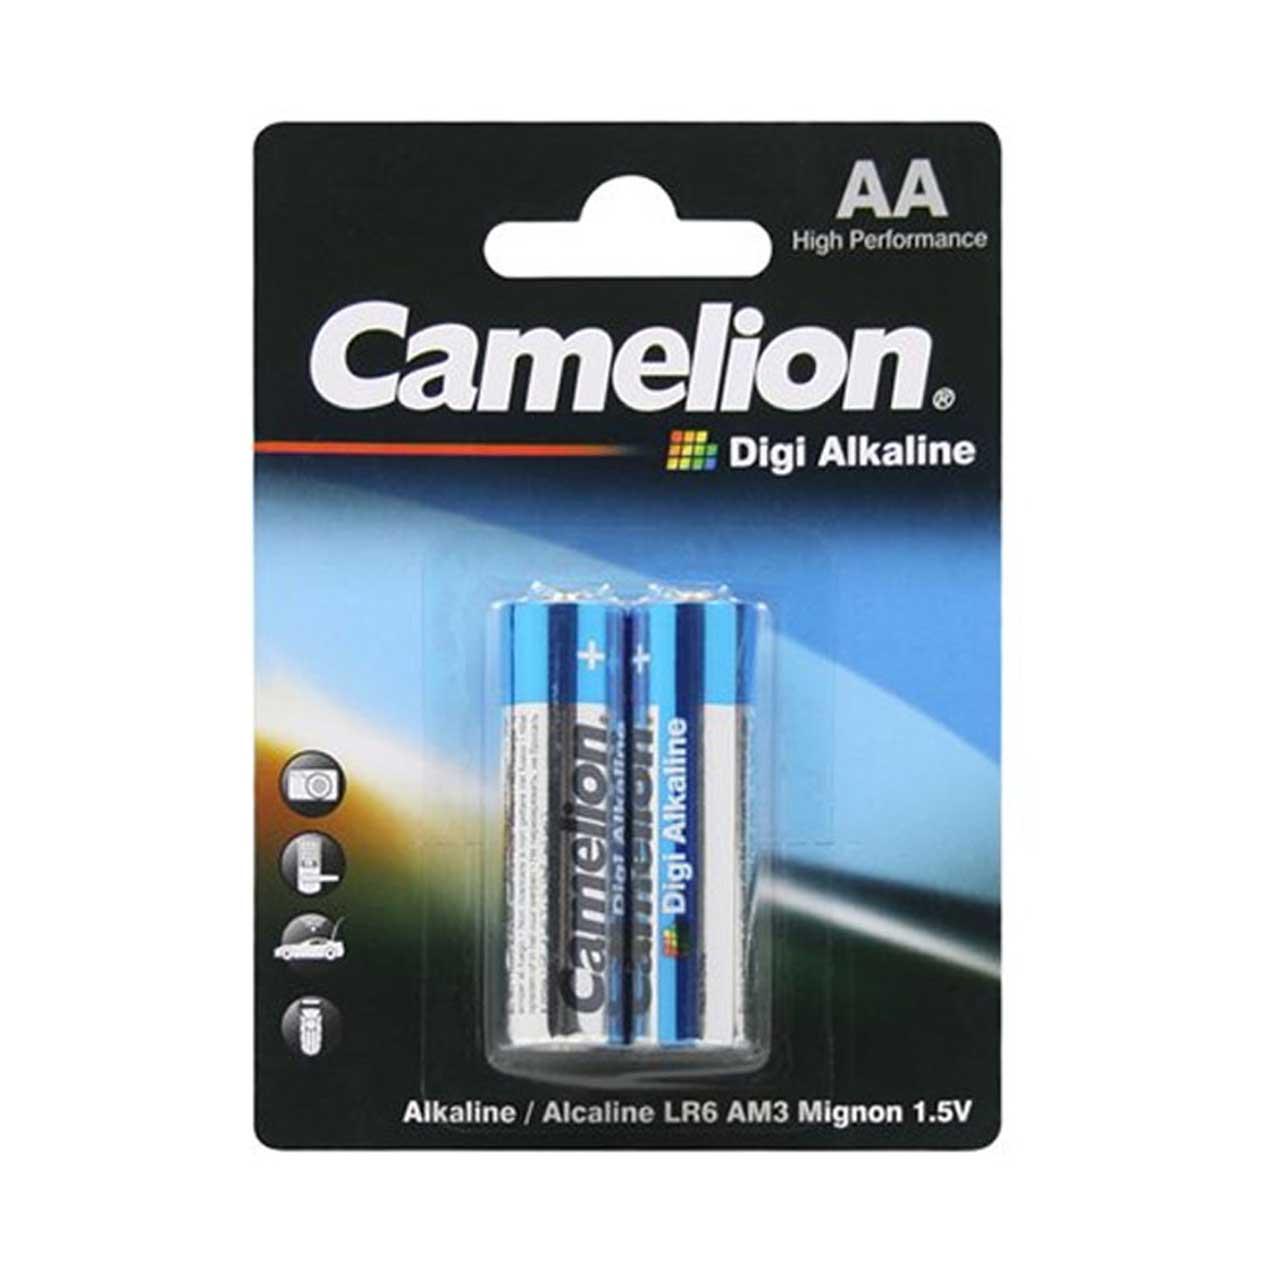 باتری قلمی کملیون مدل Digi بسته 48 عددی